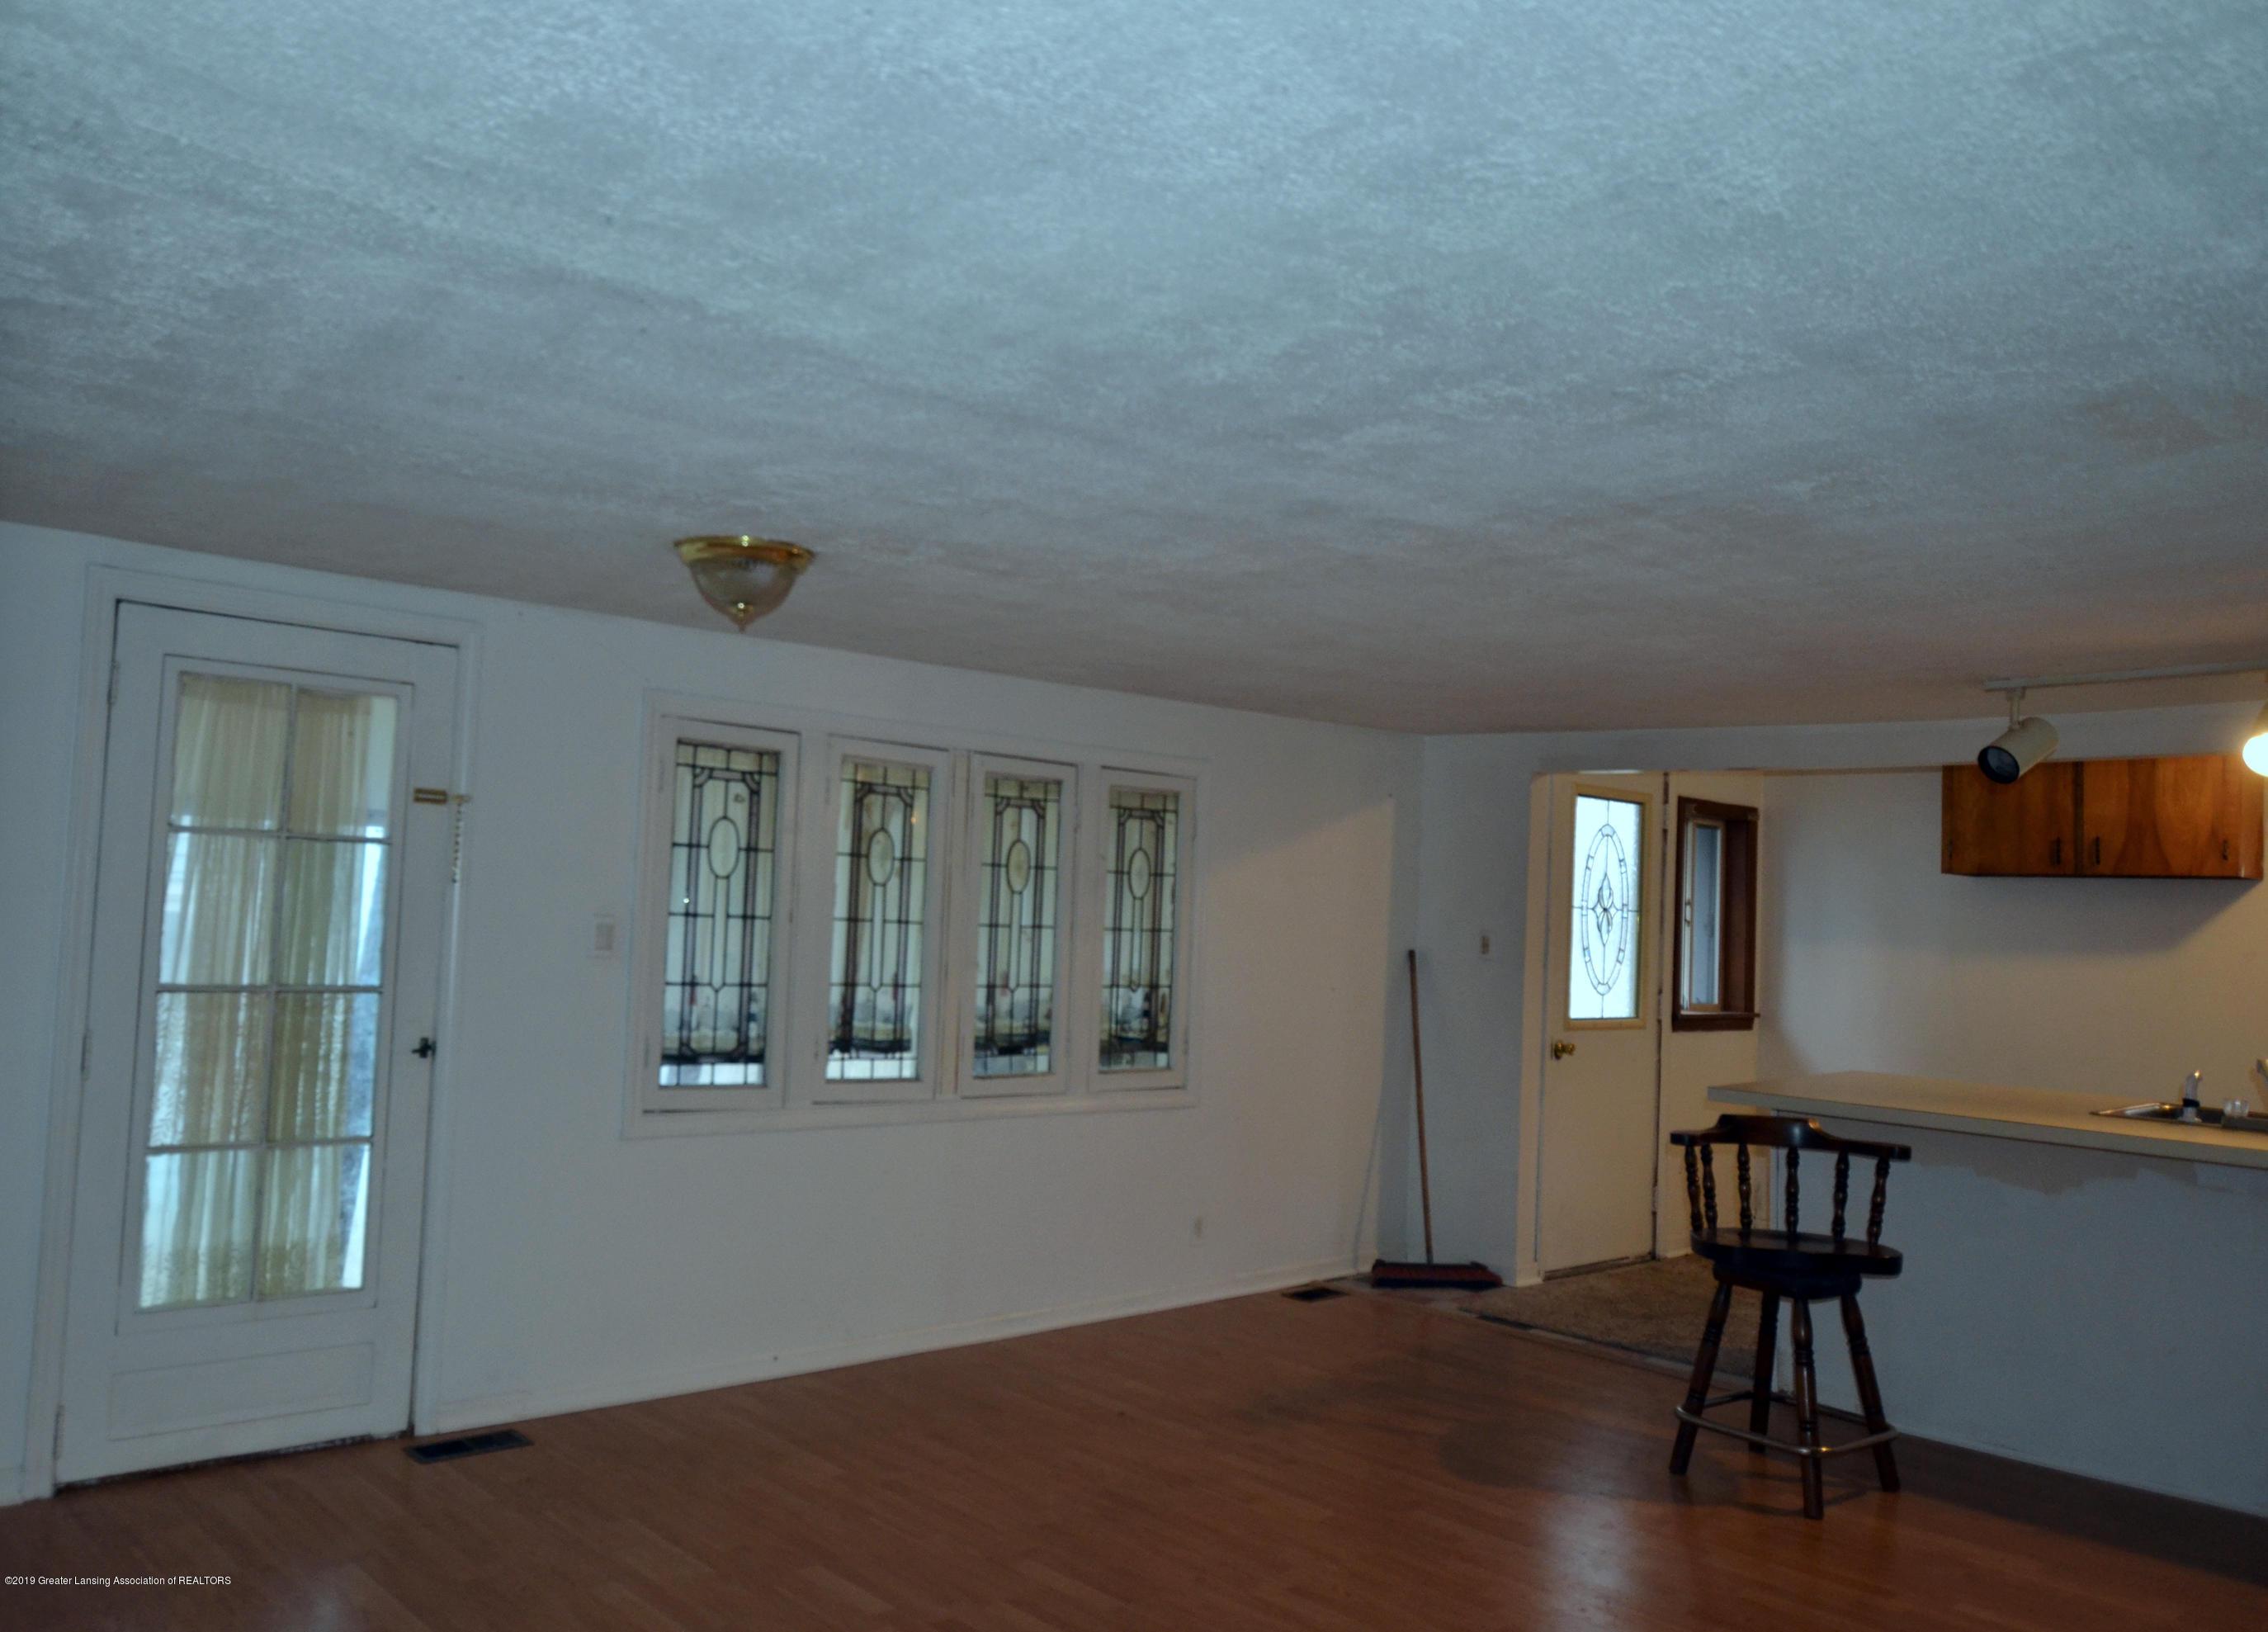 15871 Short St - 15871 Short St living room 2 - 10